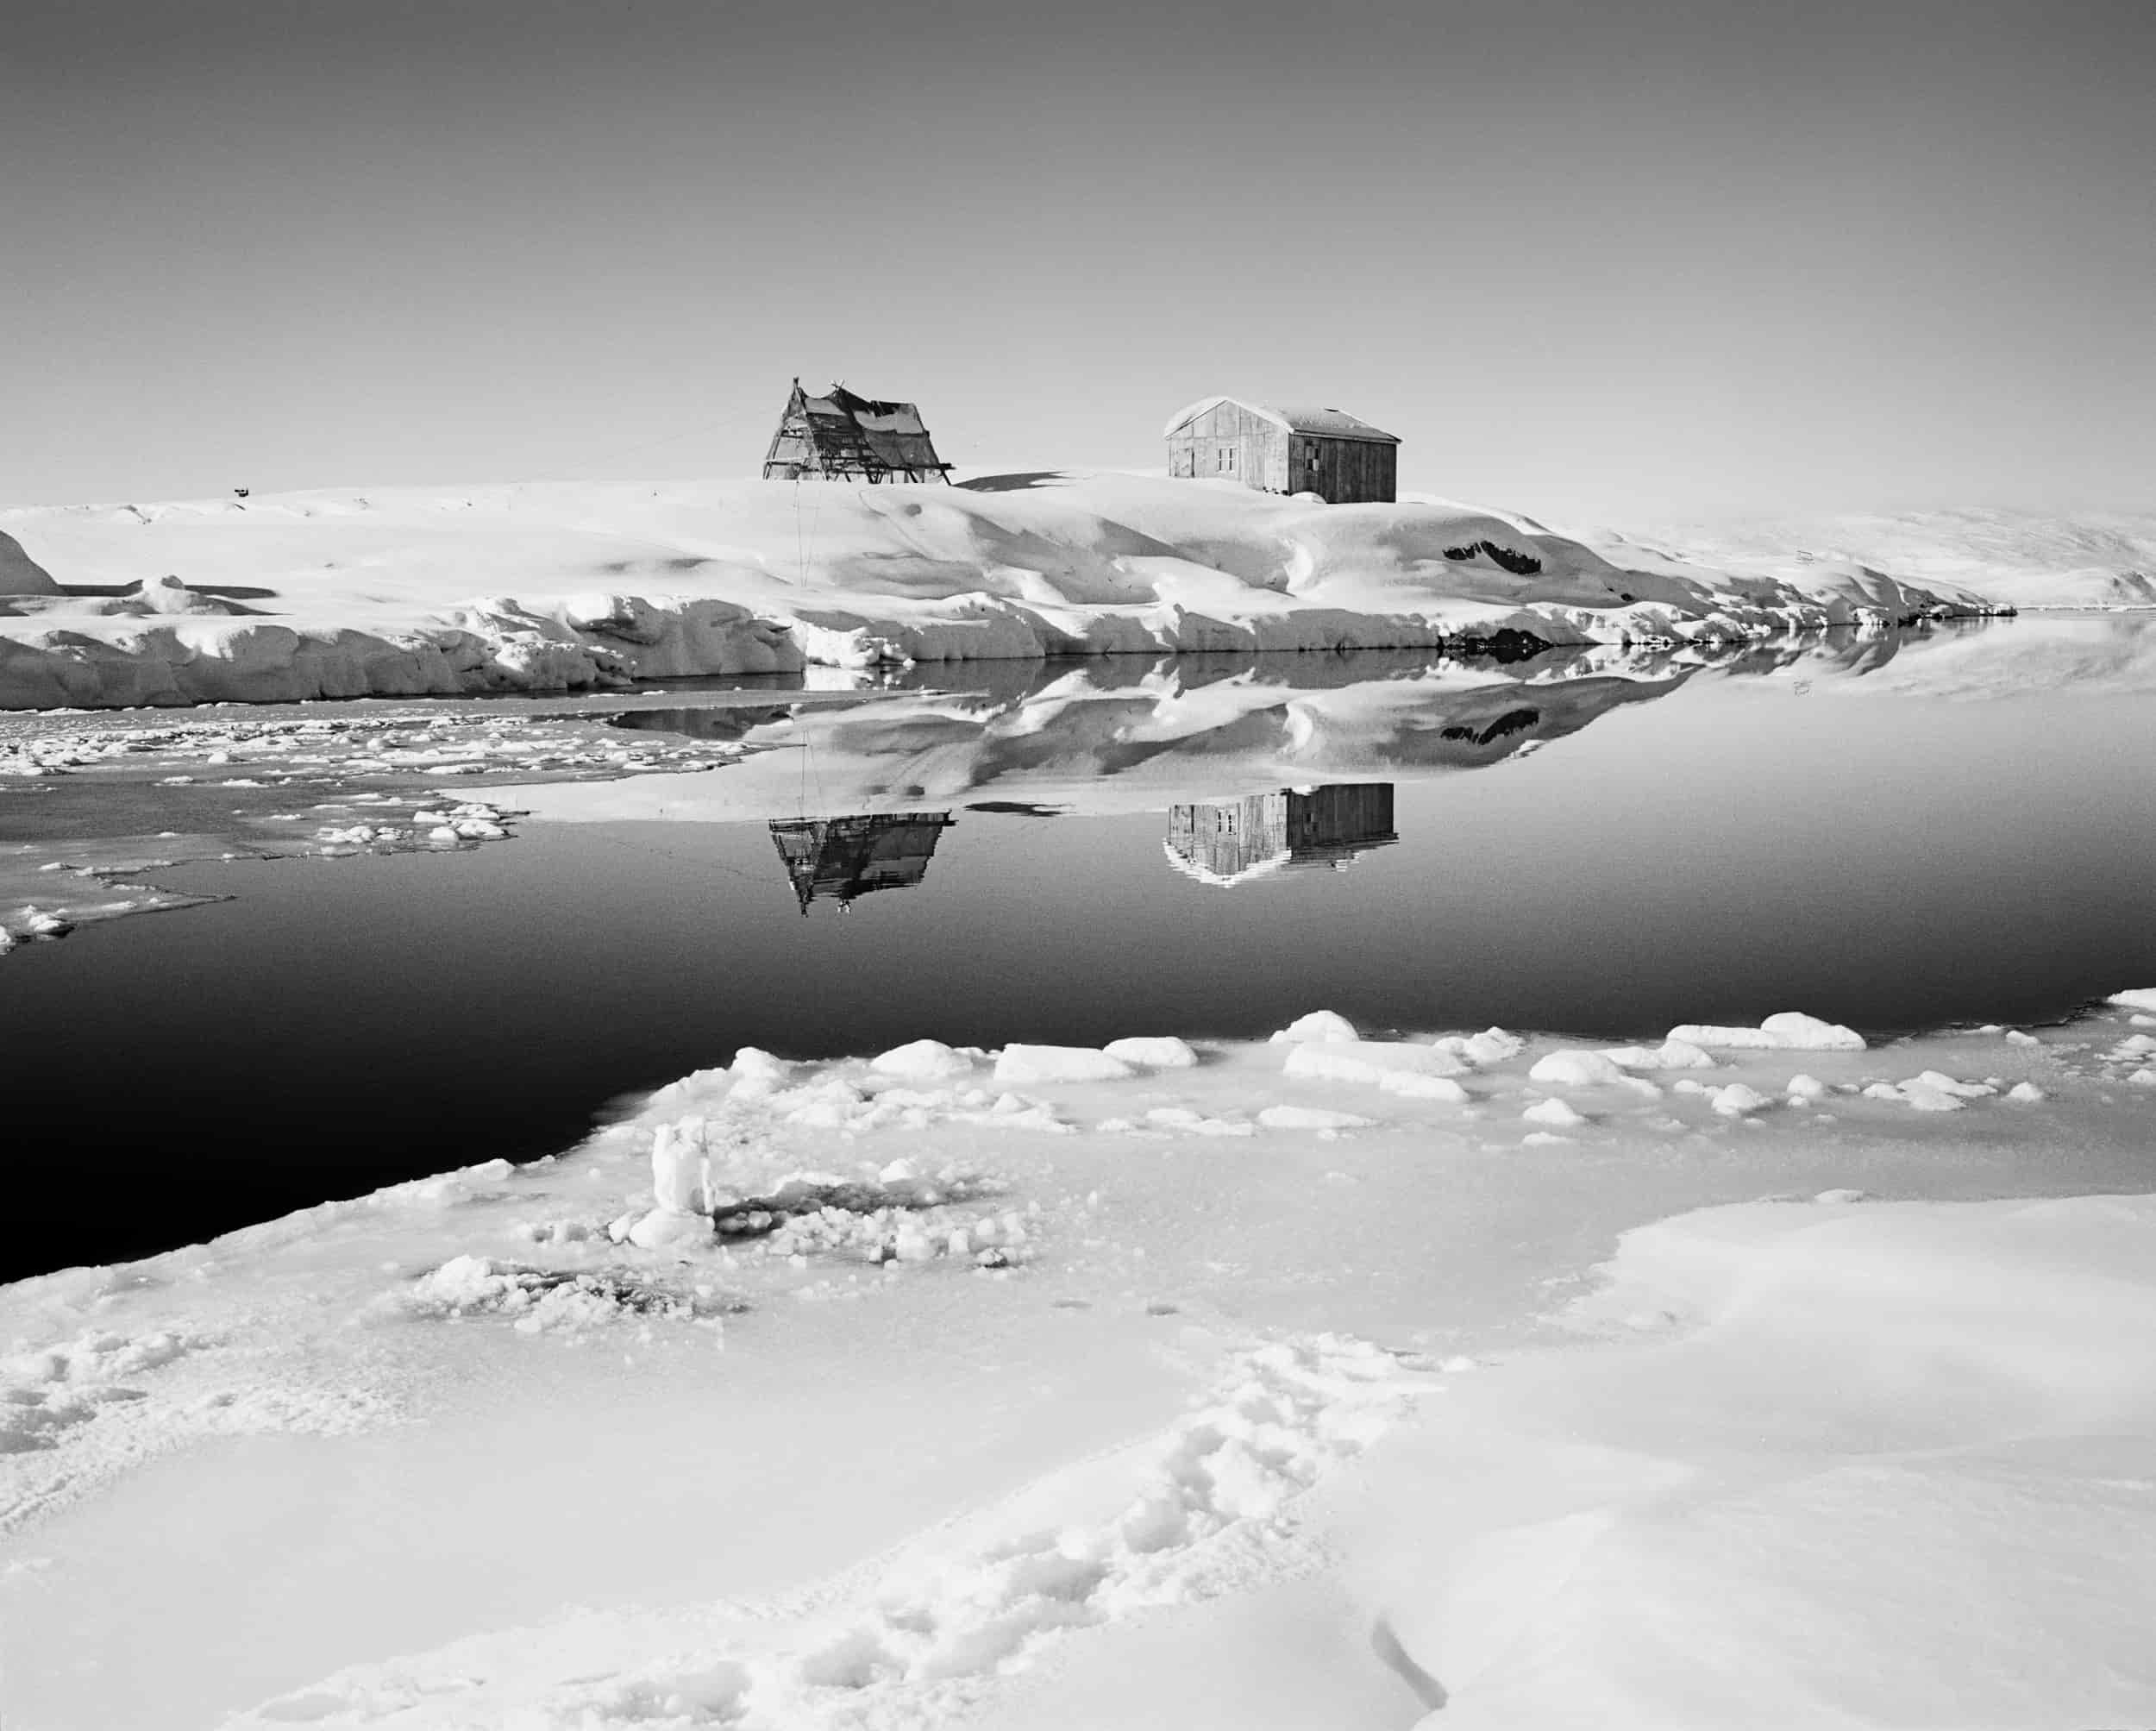 Paolo Solari Bozzi© - Tiniteqilaaq, Groenlandia 2016-min